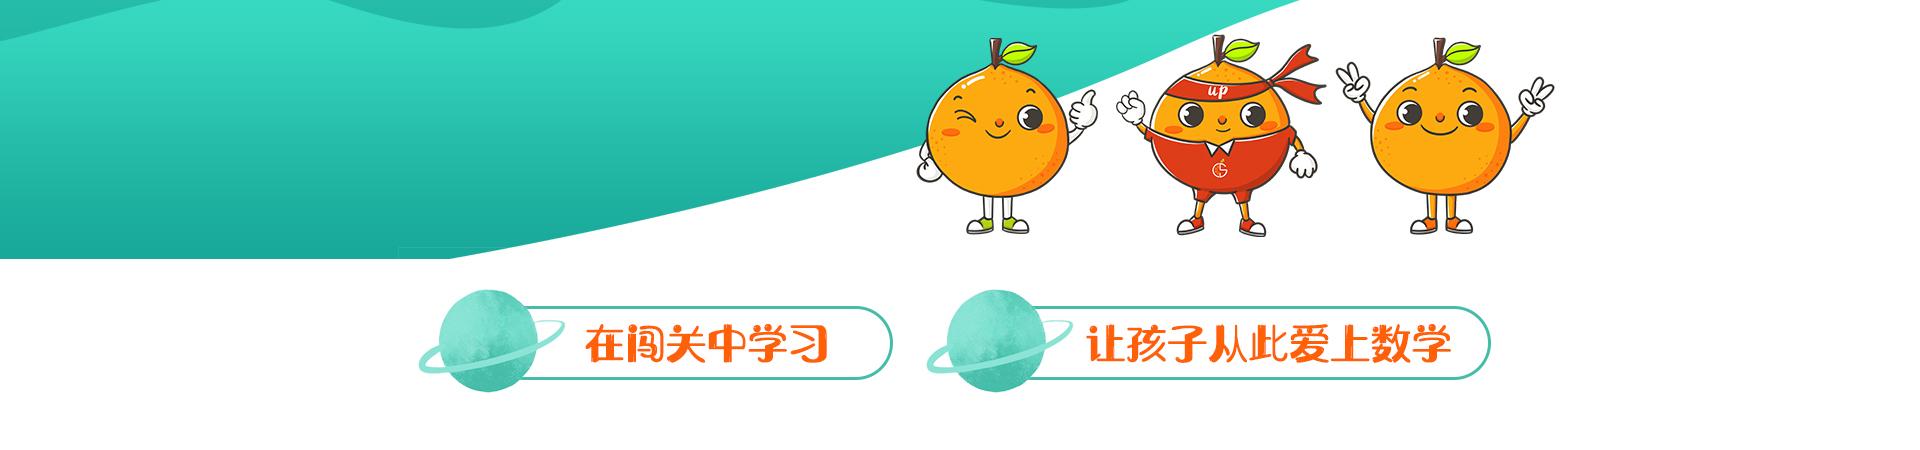 橙斯数学cssx_02